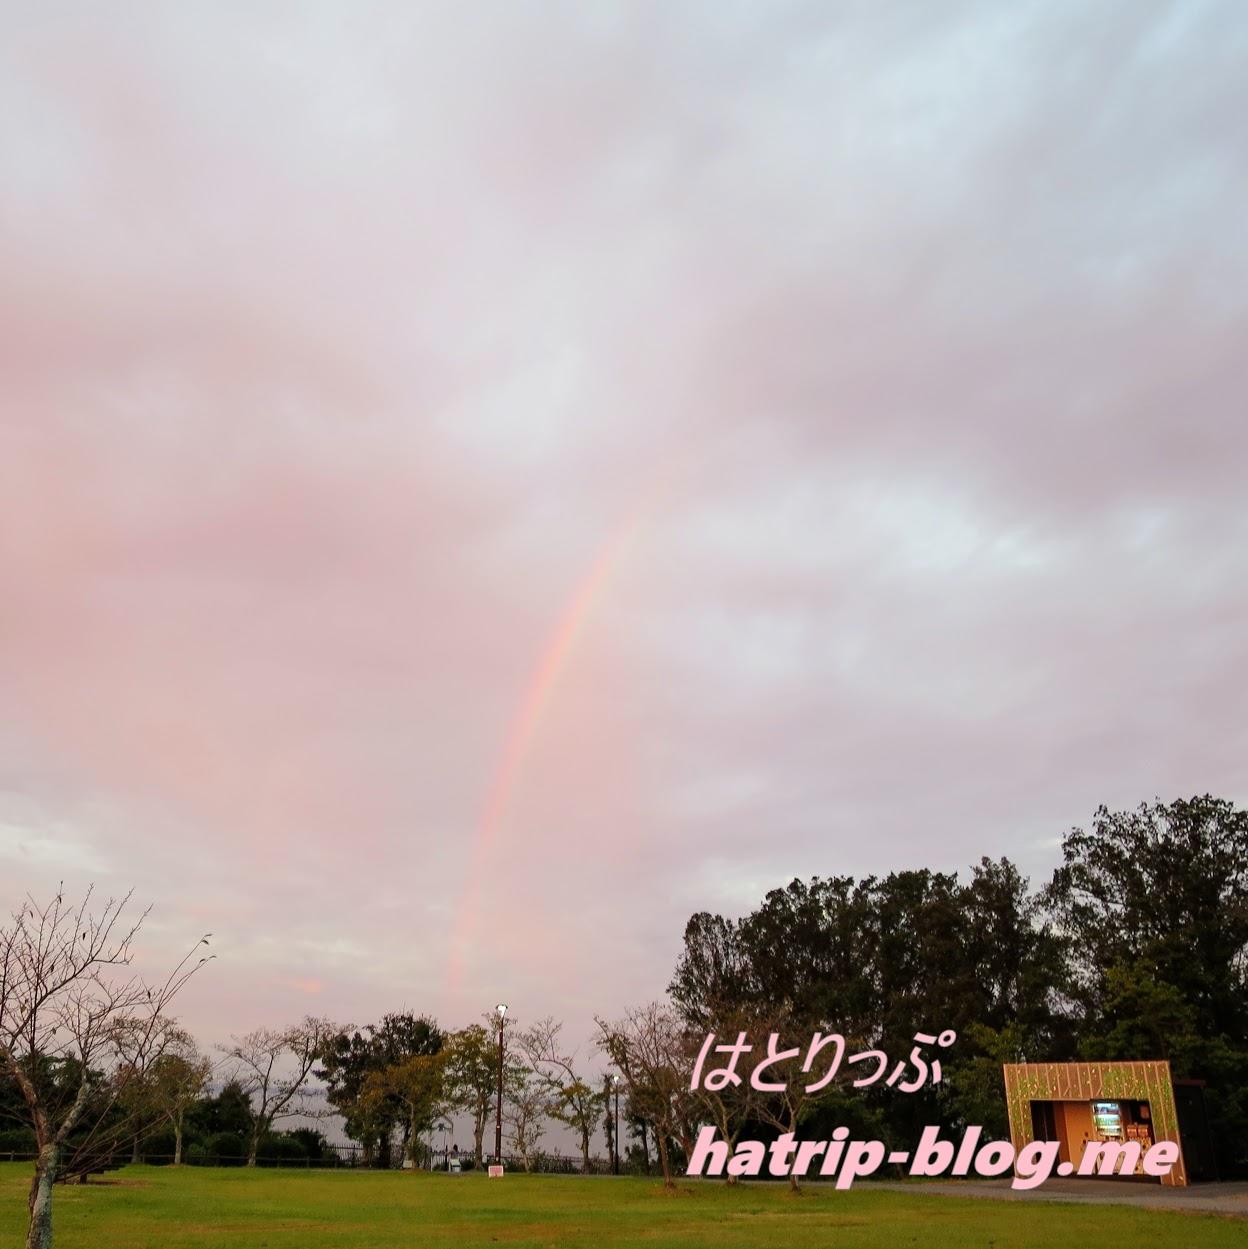 東名高速道路 浜名湖サービスエリア 芝生公園 虹